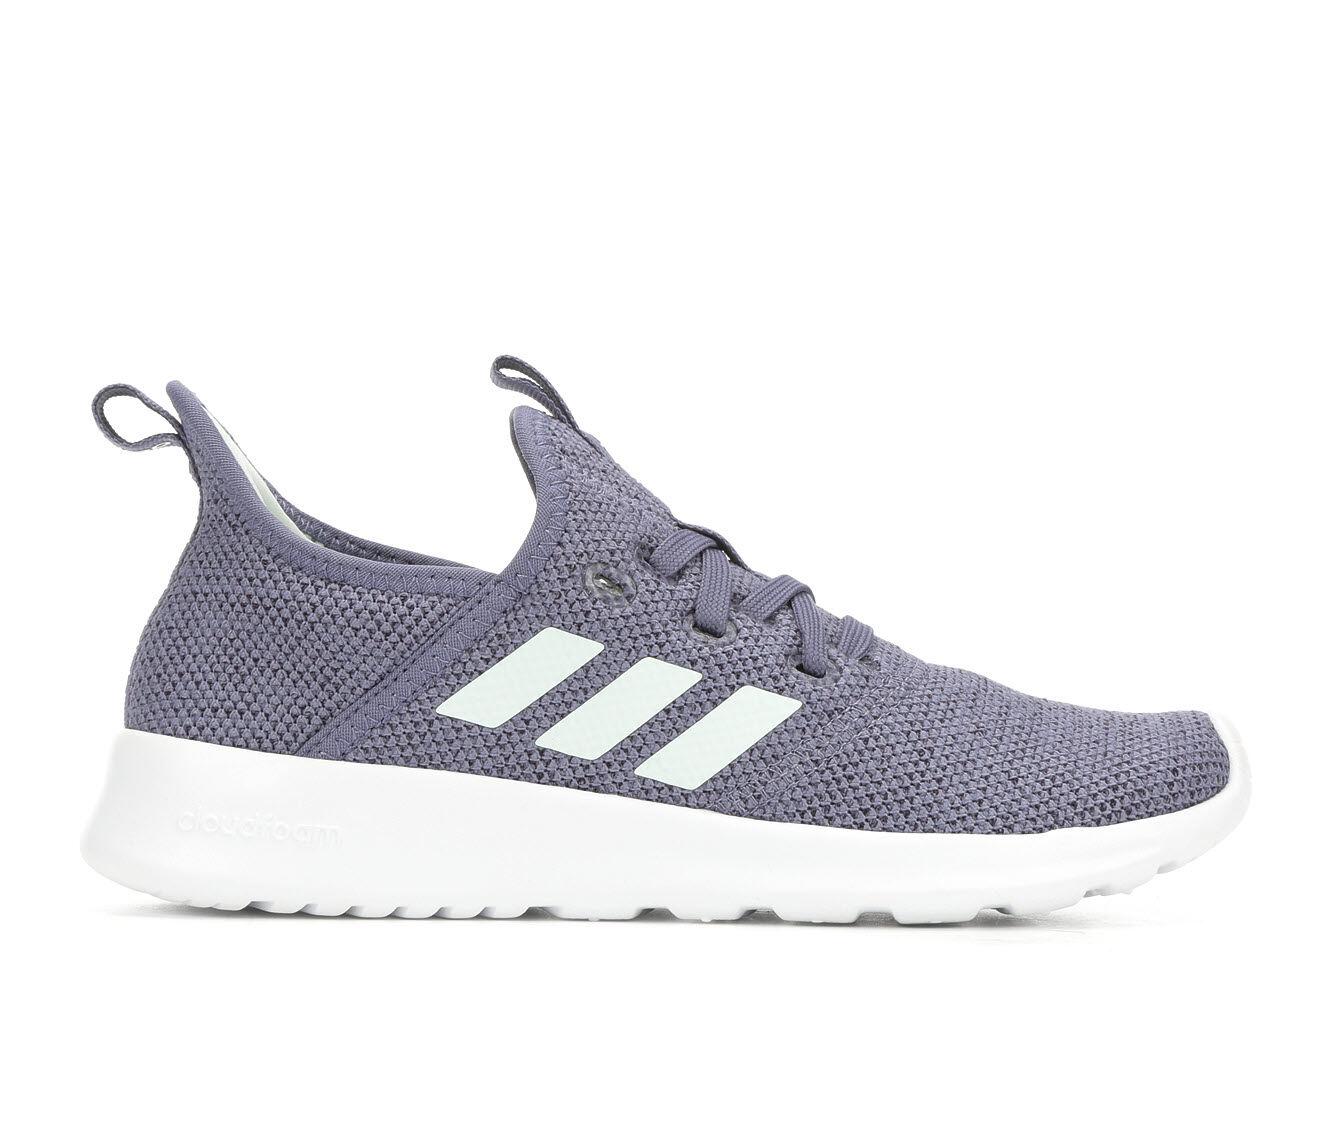 Tolle adidas Gazelle Core SchwarzWeißGold Metallic Schuhe